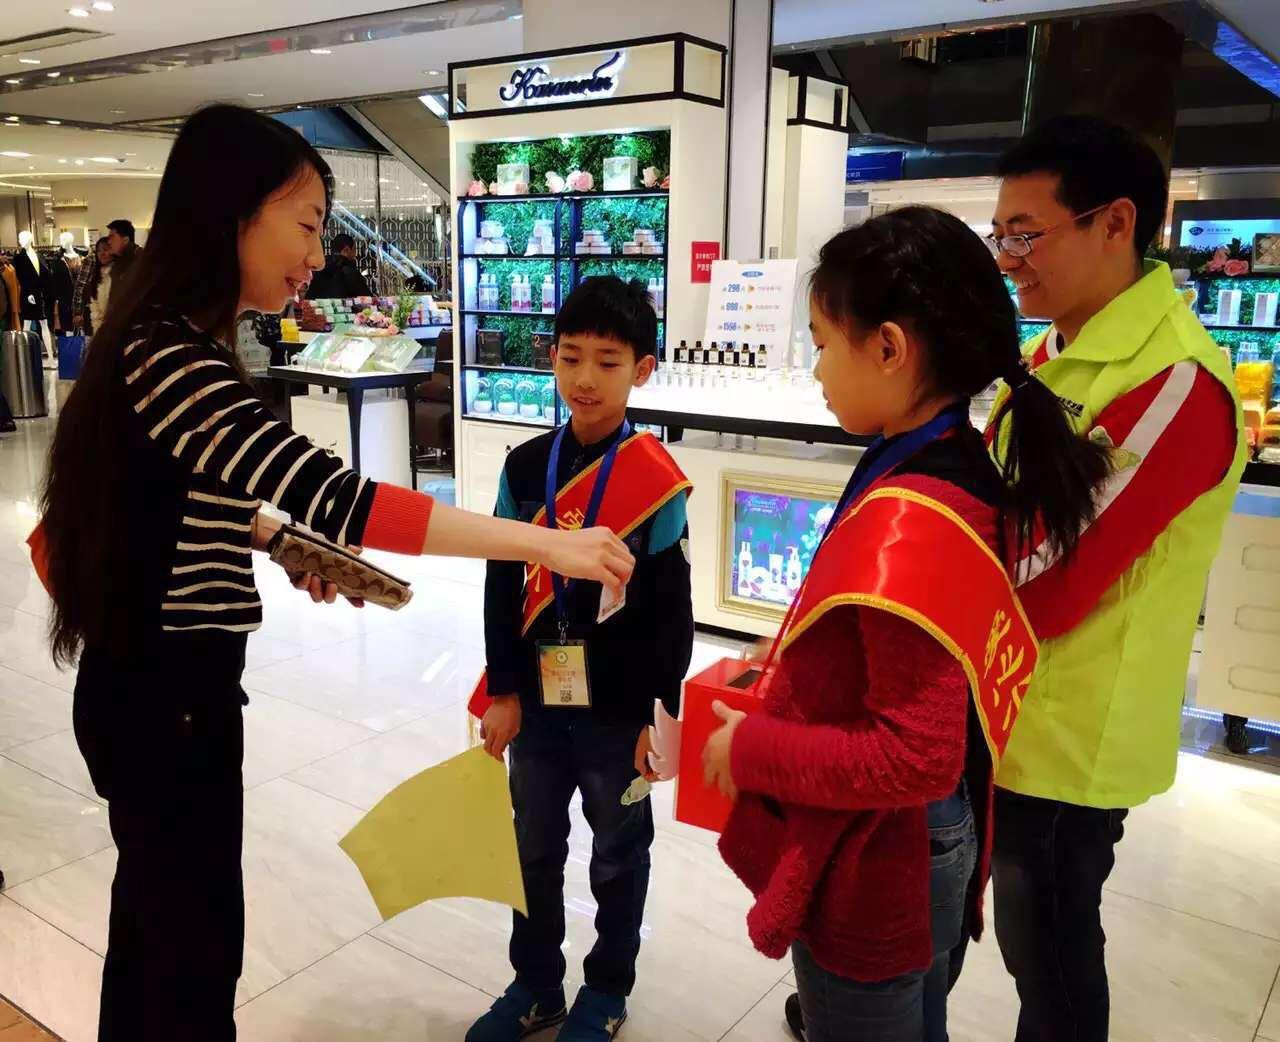 人民网11月30日电 11月29日,由北京青少年发展基金会主办的爱心小天使为山里孩子募集台灯爱心活动在西单举行。一群可爱的孩子身披爱心小天使绶带,手中抱着捐款箱,在向过往的顾客中进行劝募,当有人把捐款投进捐款箱时,他们就会在捐赠者的胸前贴上一枚带有爱心标识的爱心贴。这些孩子是北京青少年发展基金会的爱心小天使,他们正在用自己的实际行动为贫困山区的孩子们募集台灯。 为普及公益理念,对青少年进行慈善意识培养,进一步拓展公益体验的新模式,北京青少年发展基金会面向社会招募6至12岁儿童,组建了爱心